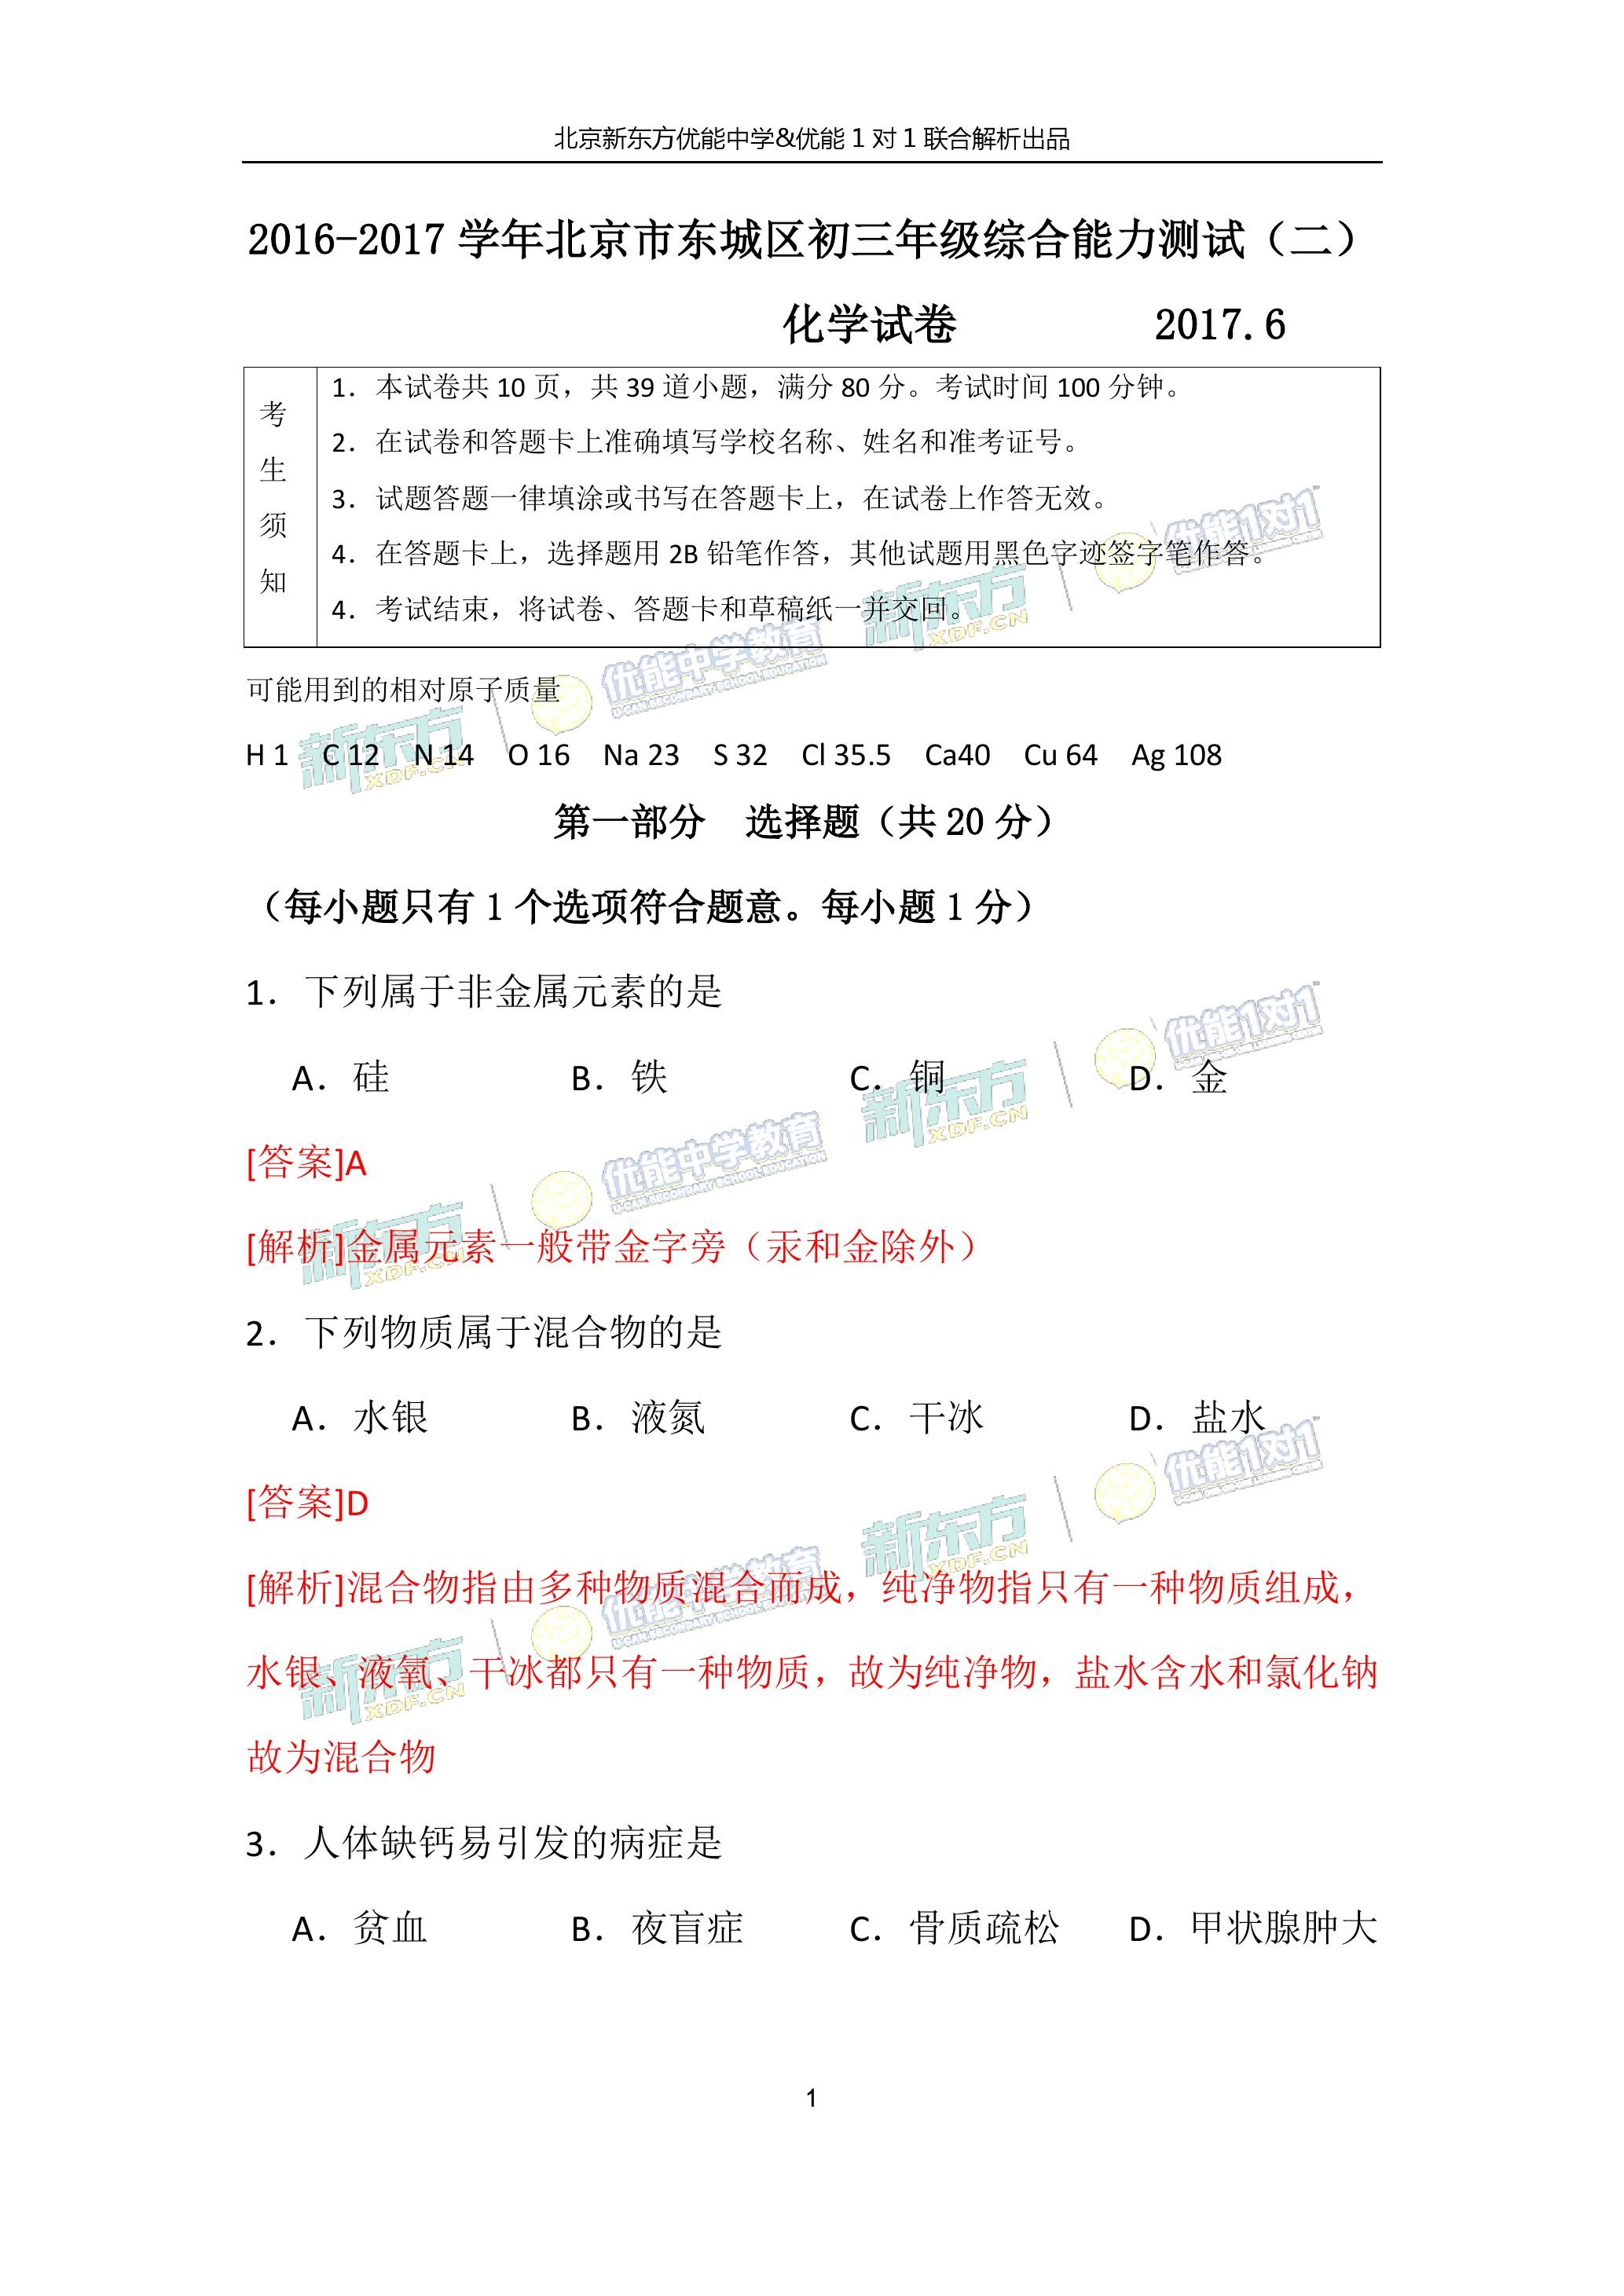 2017东城初三二模化学试题及答案解析(图片版)